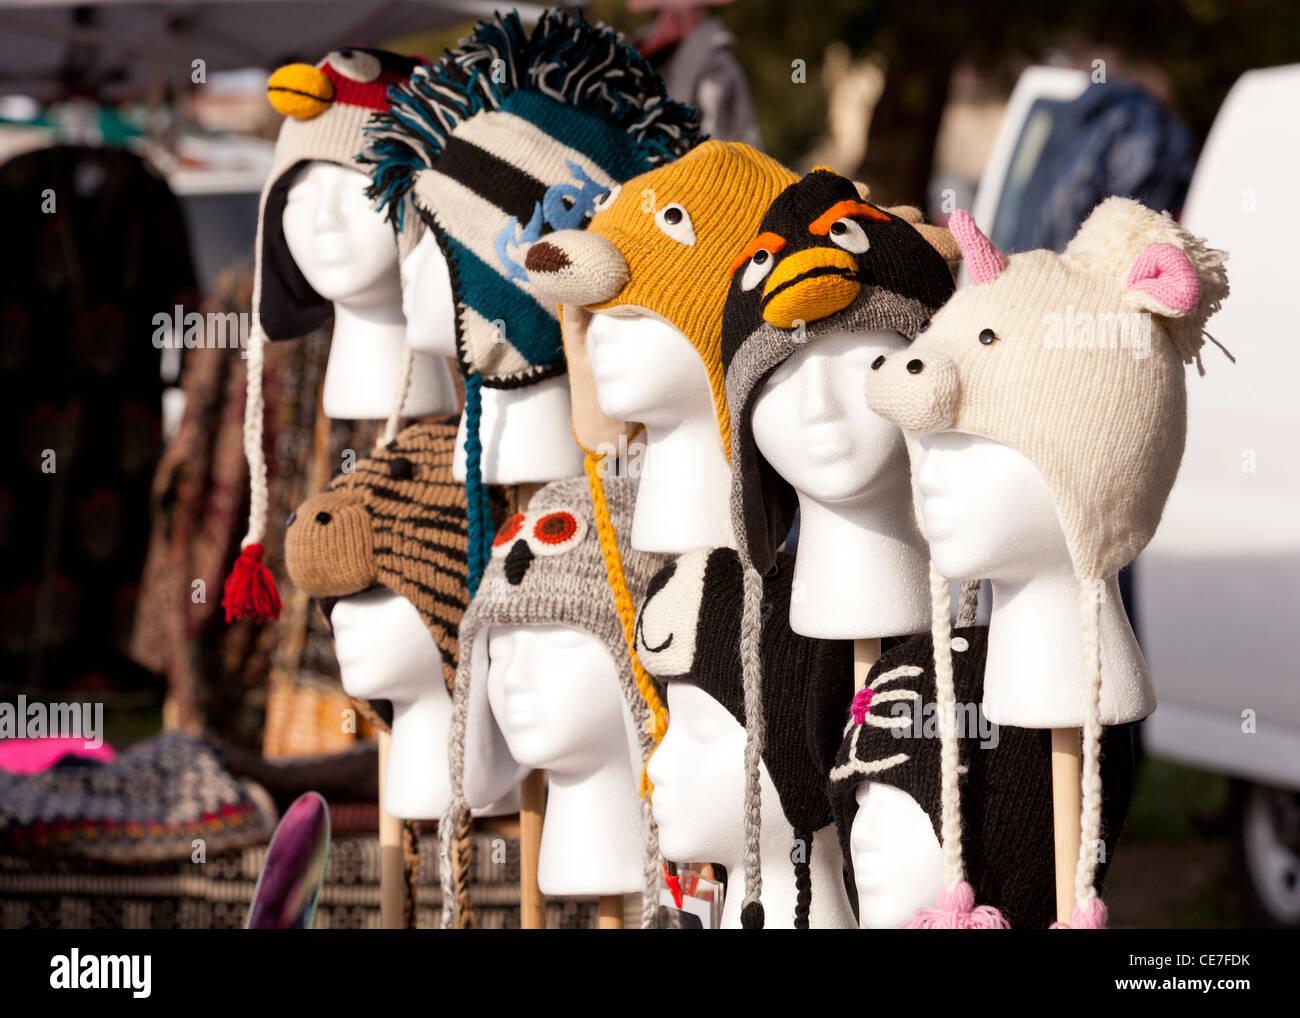 Carattere di trapper cappelli per la vendita al mercato delle pulci Immagini Stock